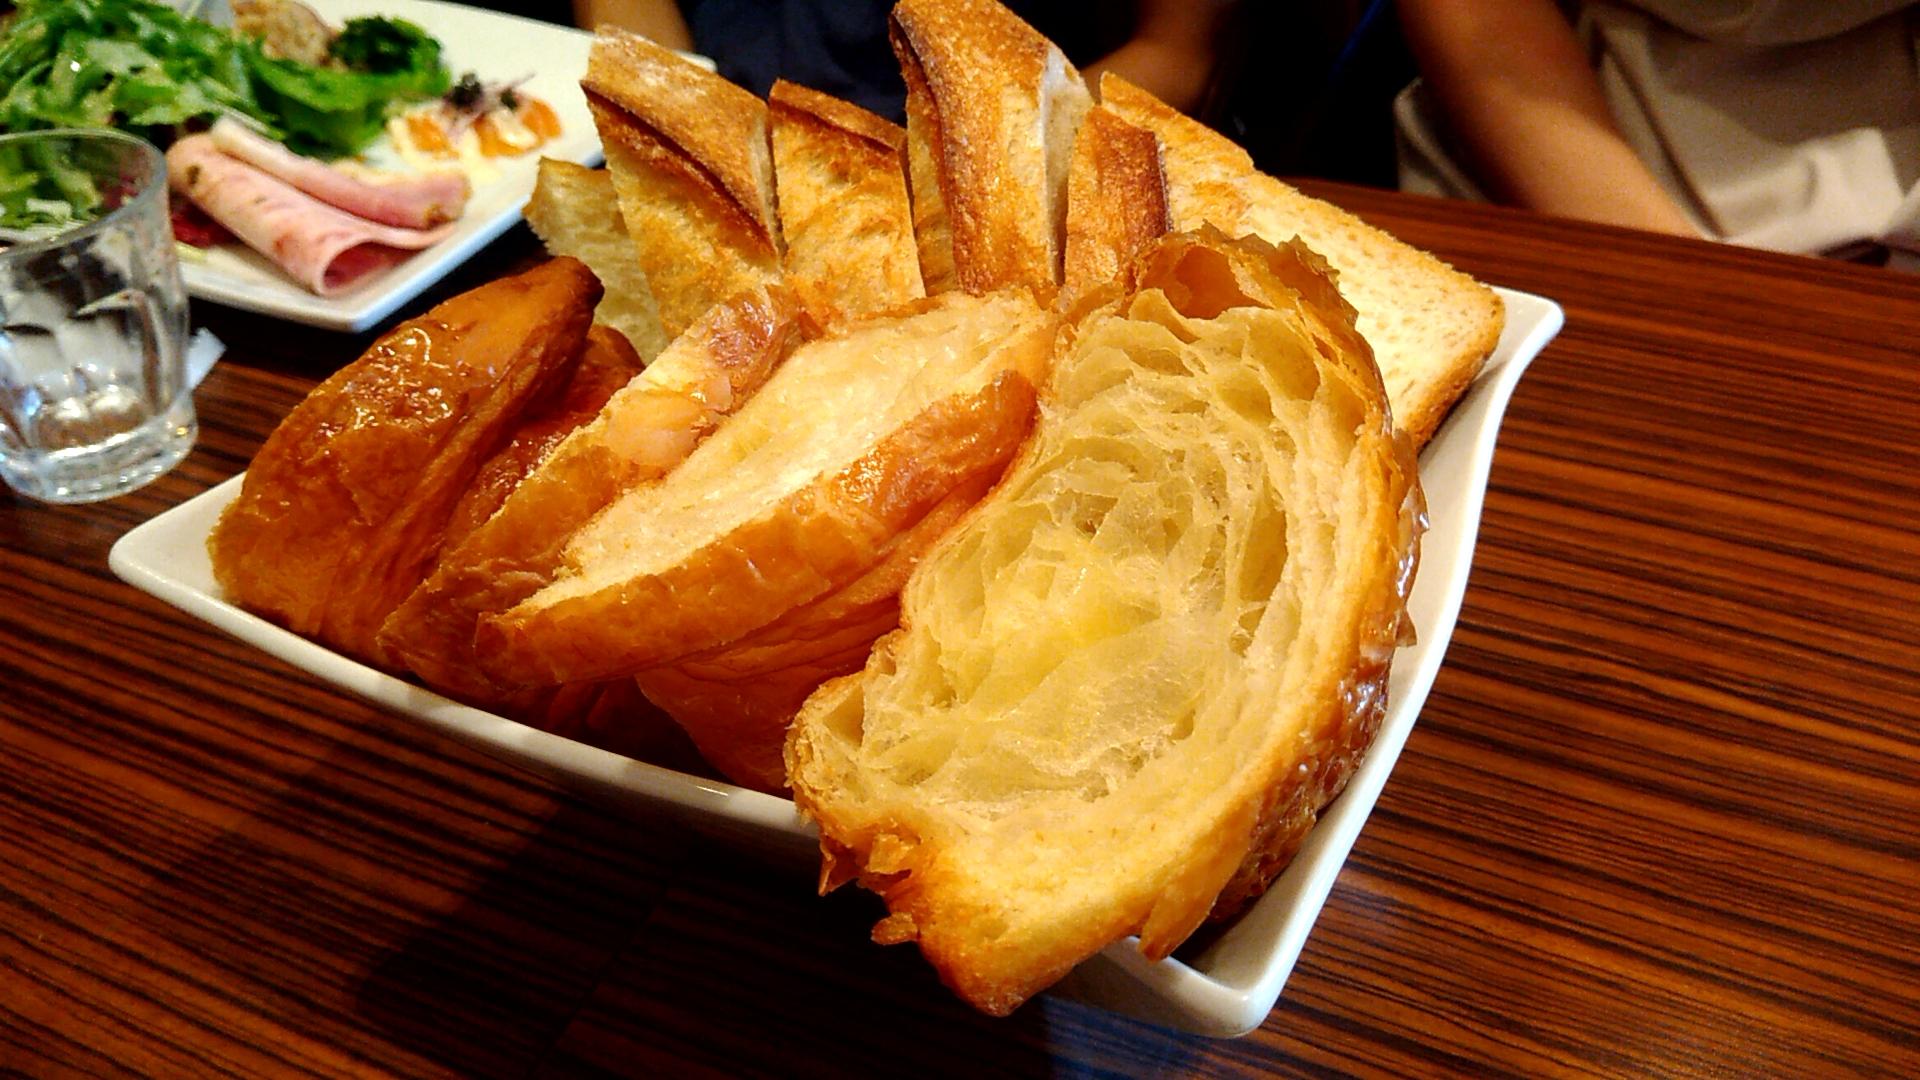 1200円でメゾンカイザーパン食べ放題!土日ランチは予約ができるよ♪